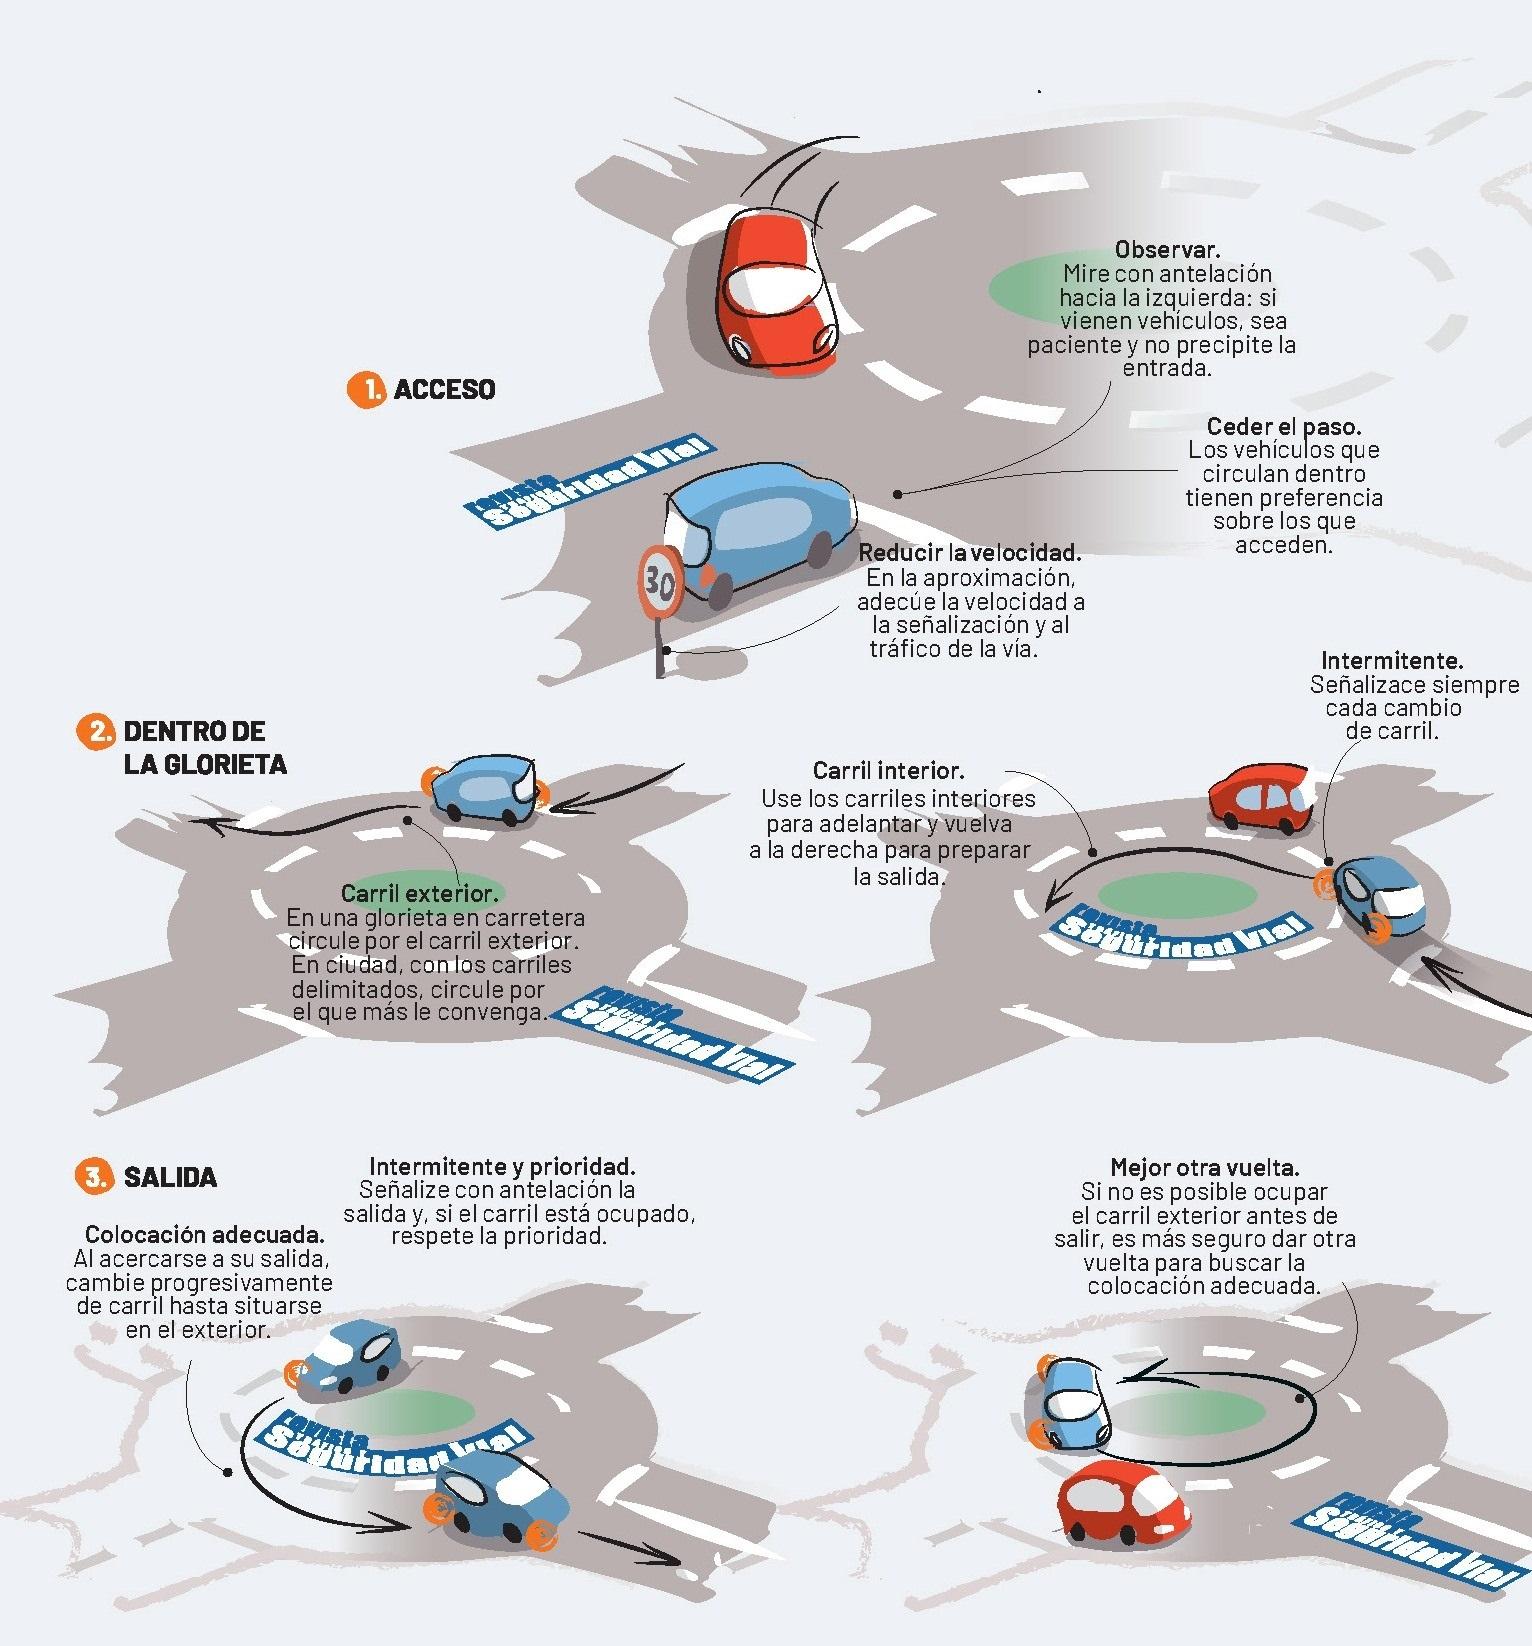 Dgt Circular Rotonda Tres Momentos Infografia 01